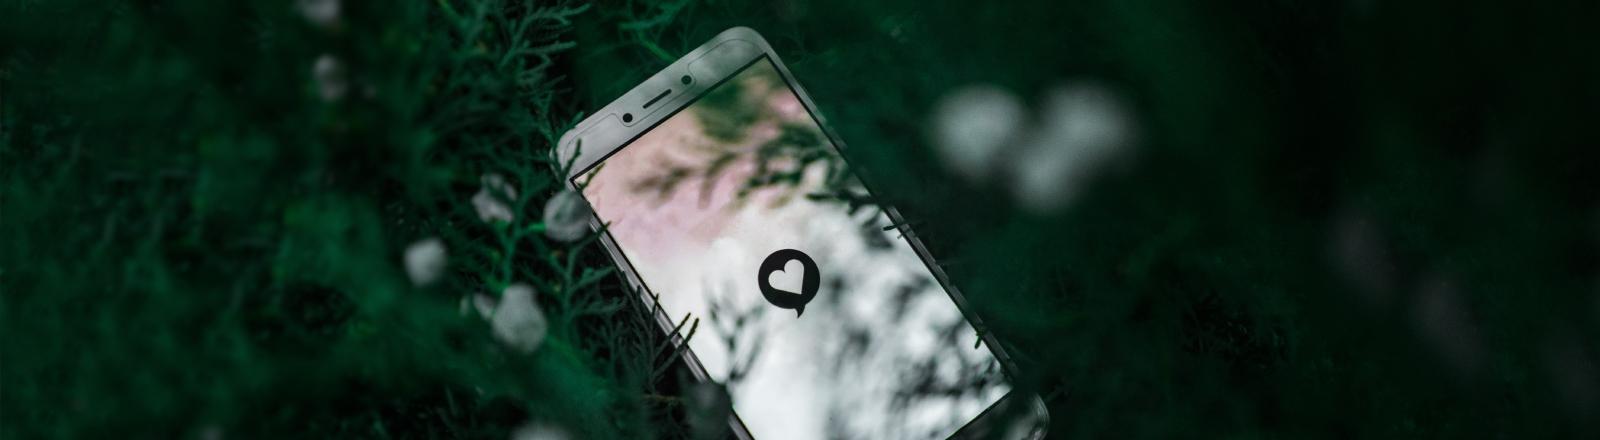 Ein Handy mit einem Online-Dating-Logo liegt auf einer Laubfläche